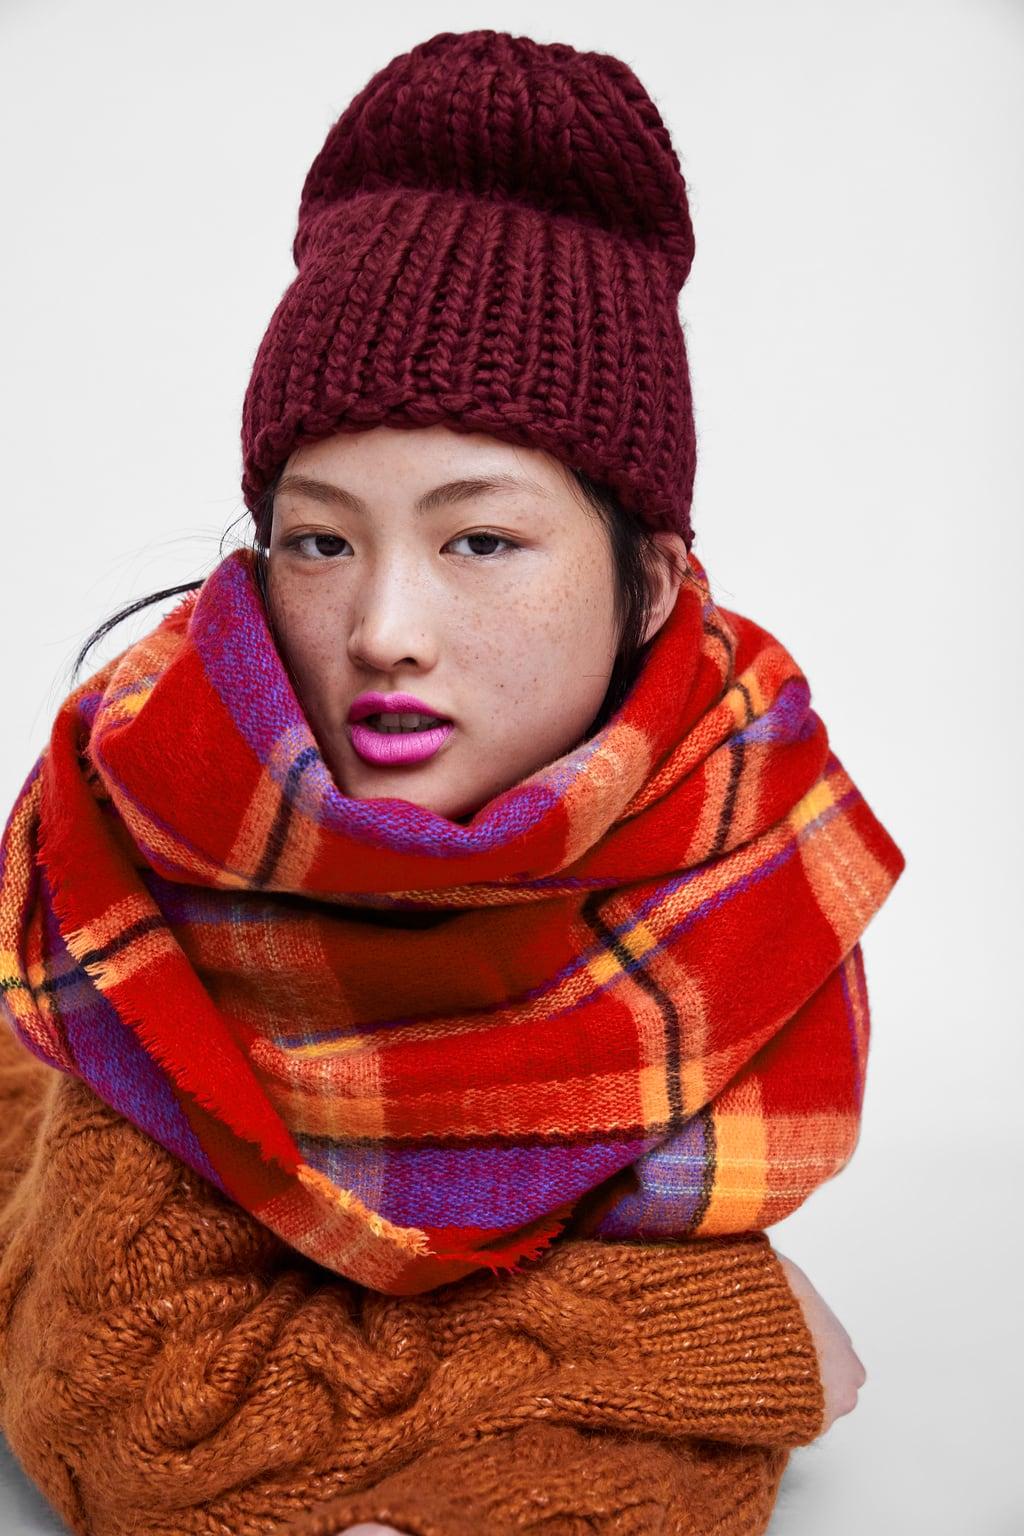 zara check scarf £12.99, was £17.99